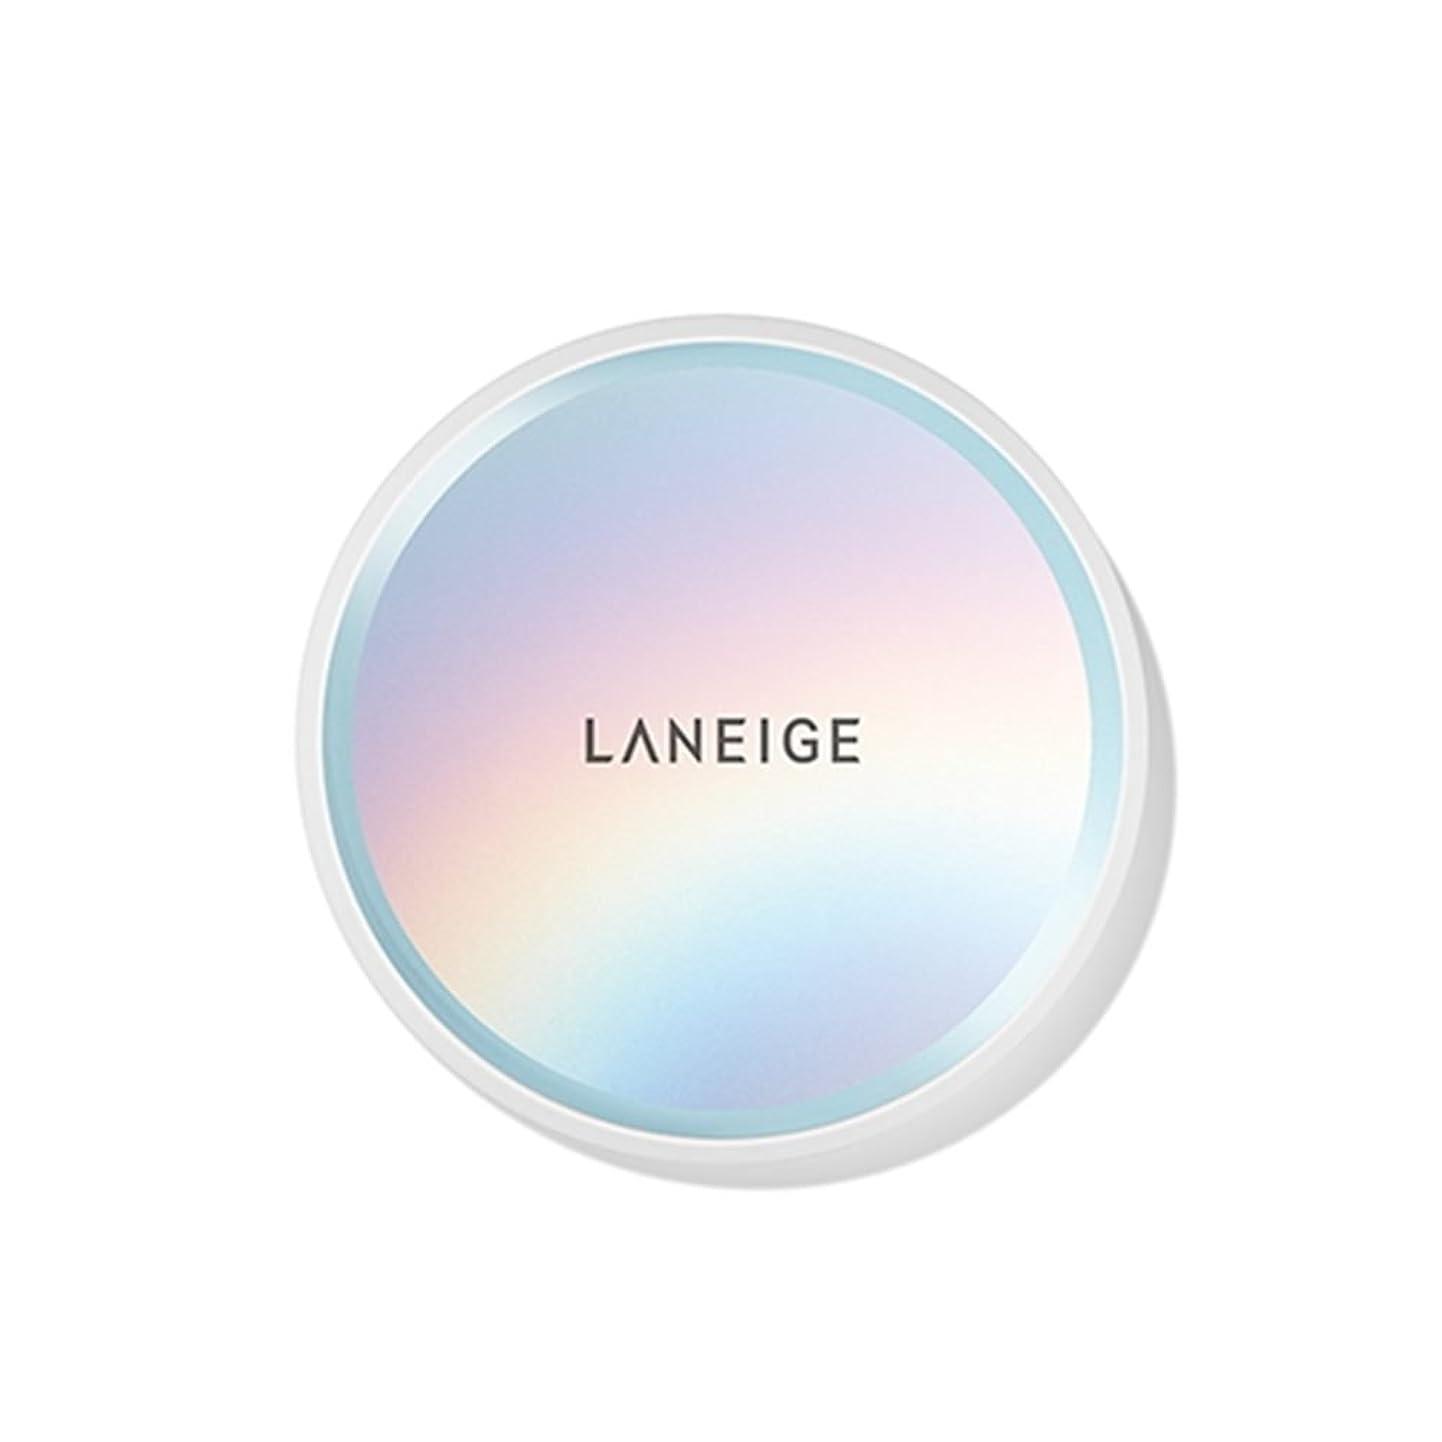 生きる英語の授業があります狂乱【ラネージュ】 LANEIGE BB Cushion Pore Control BBクッションポアコントロール 【韓国直送品】 OOPSPANDA (1.No. 11 poseulrin)